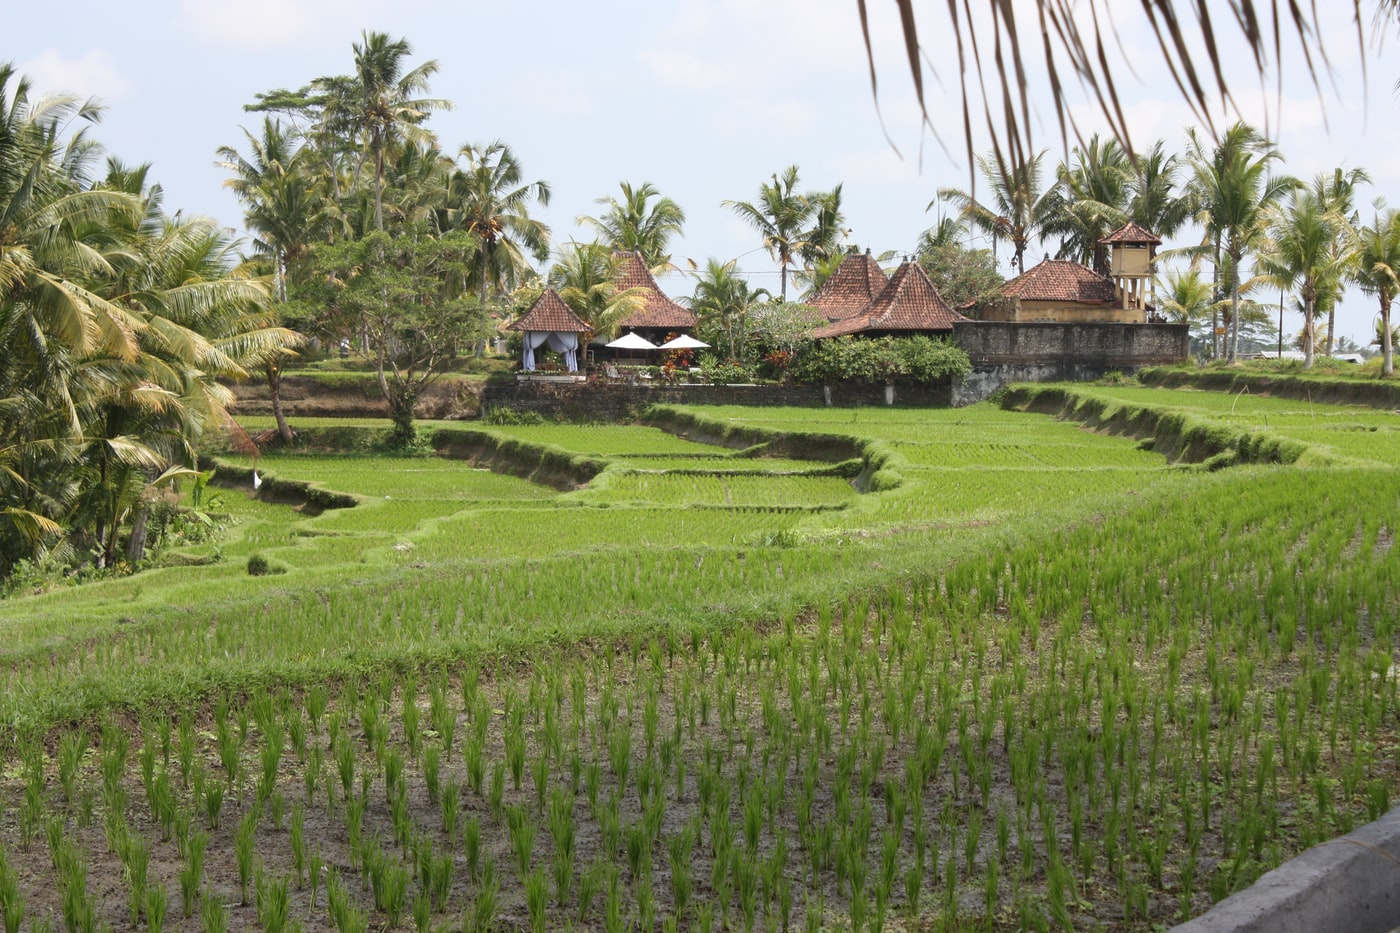 green grass field near brown house